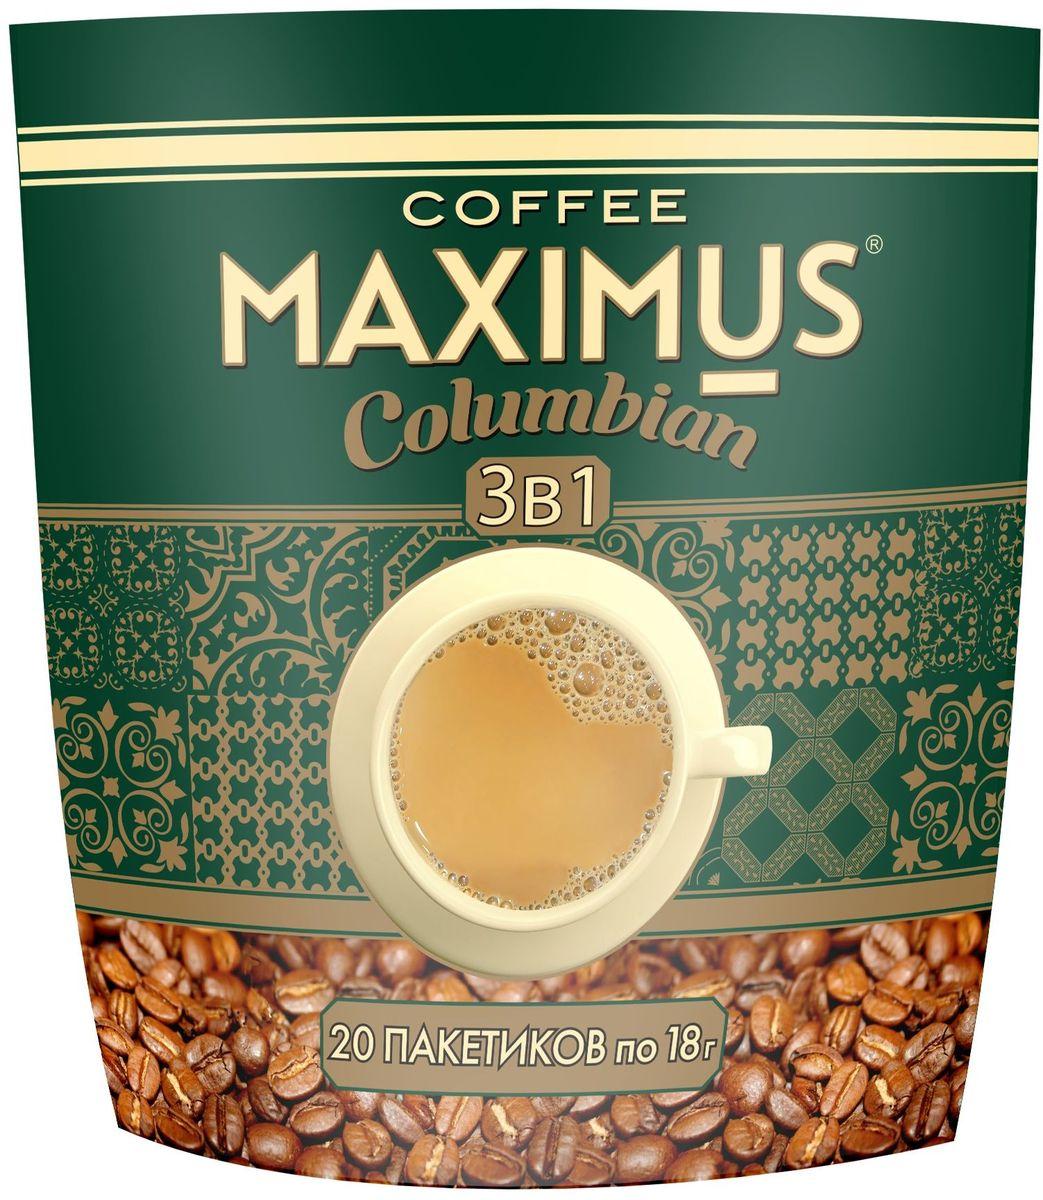 Maximus Columbian растворимый кофейный напиток в пакетиках, 20 шт maximus brazil кофе растворимый 70 г